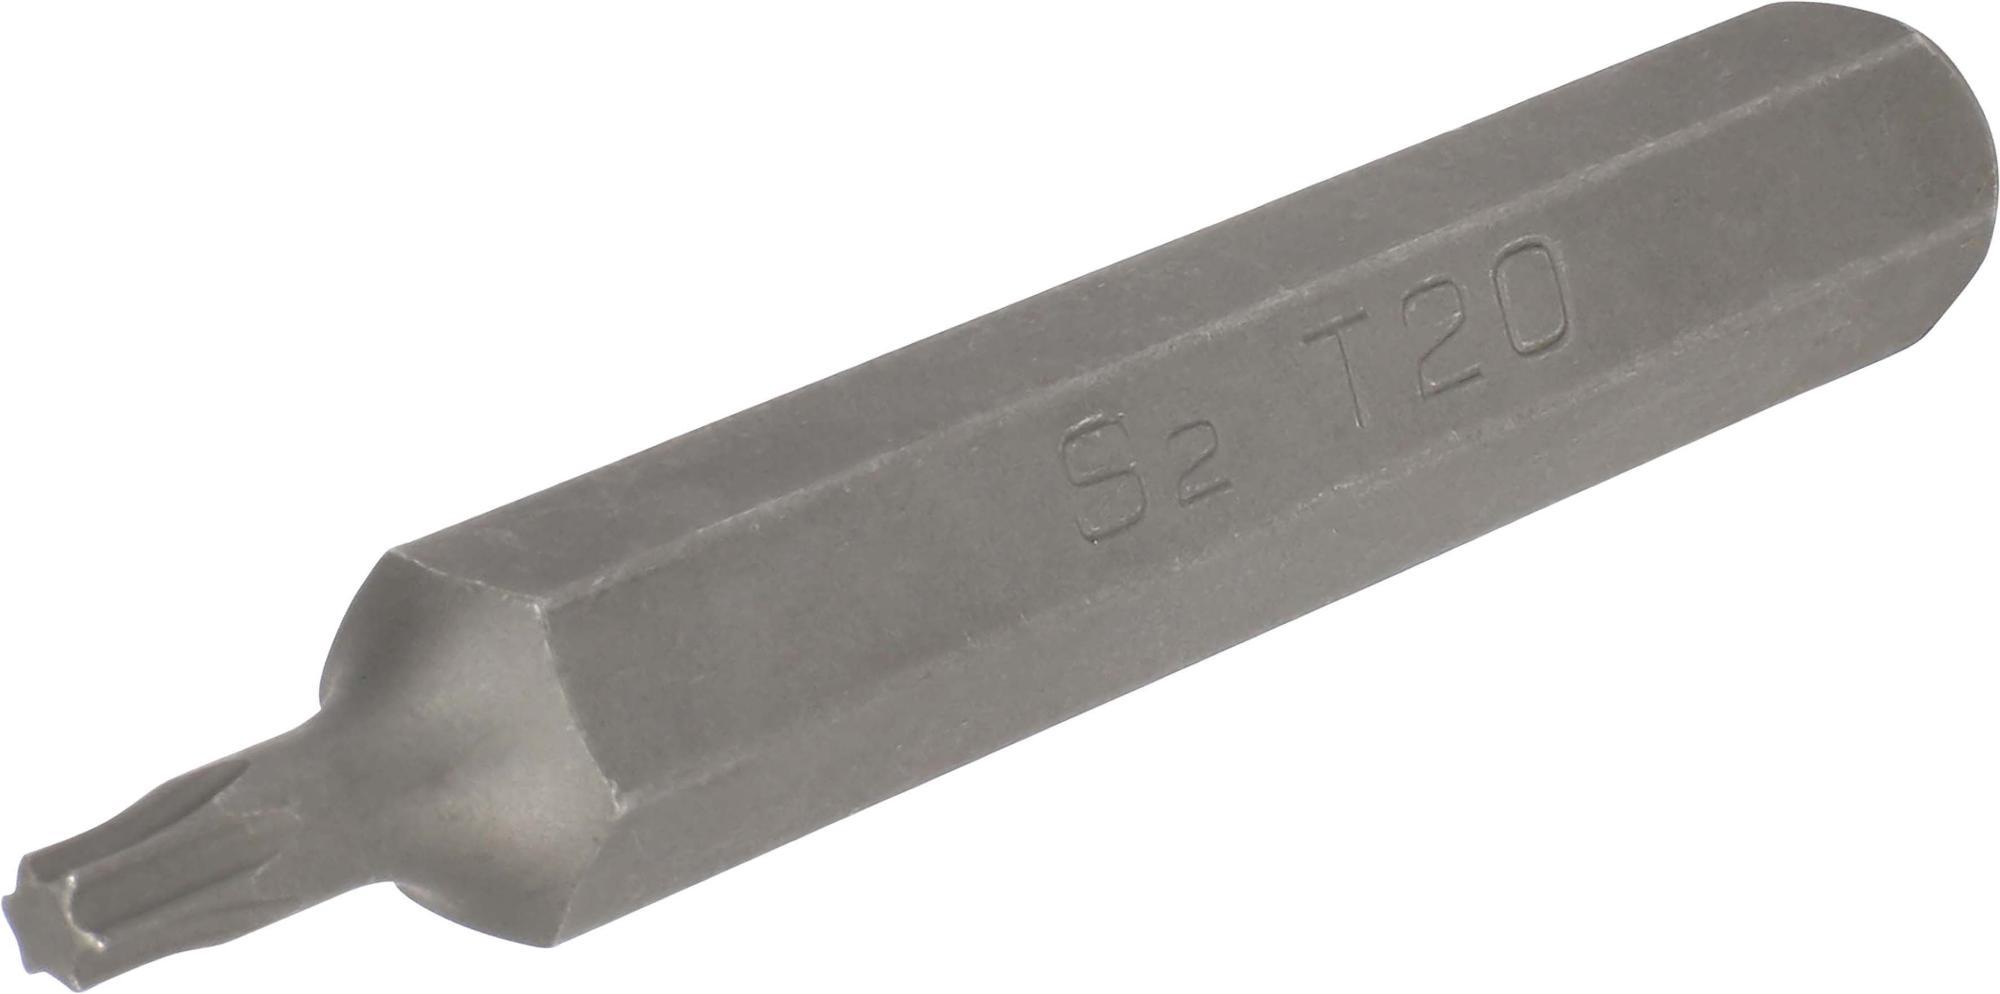 Bit, 10 mm 6-hran, TORX T20x75 mm